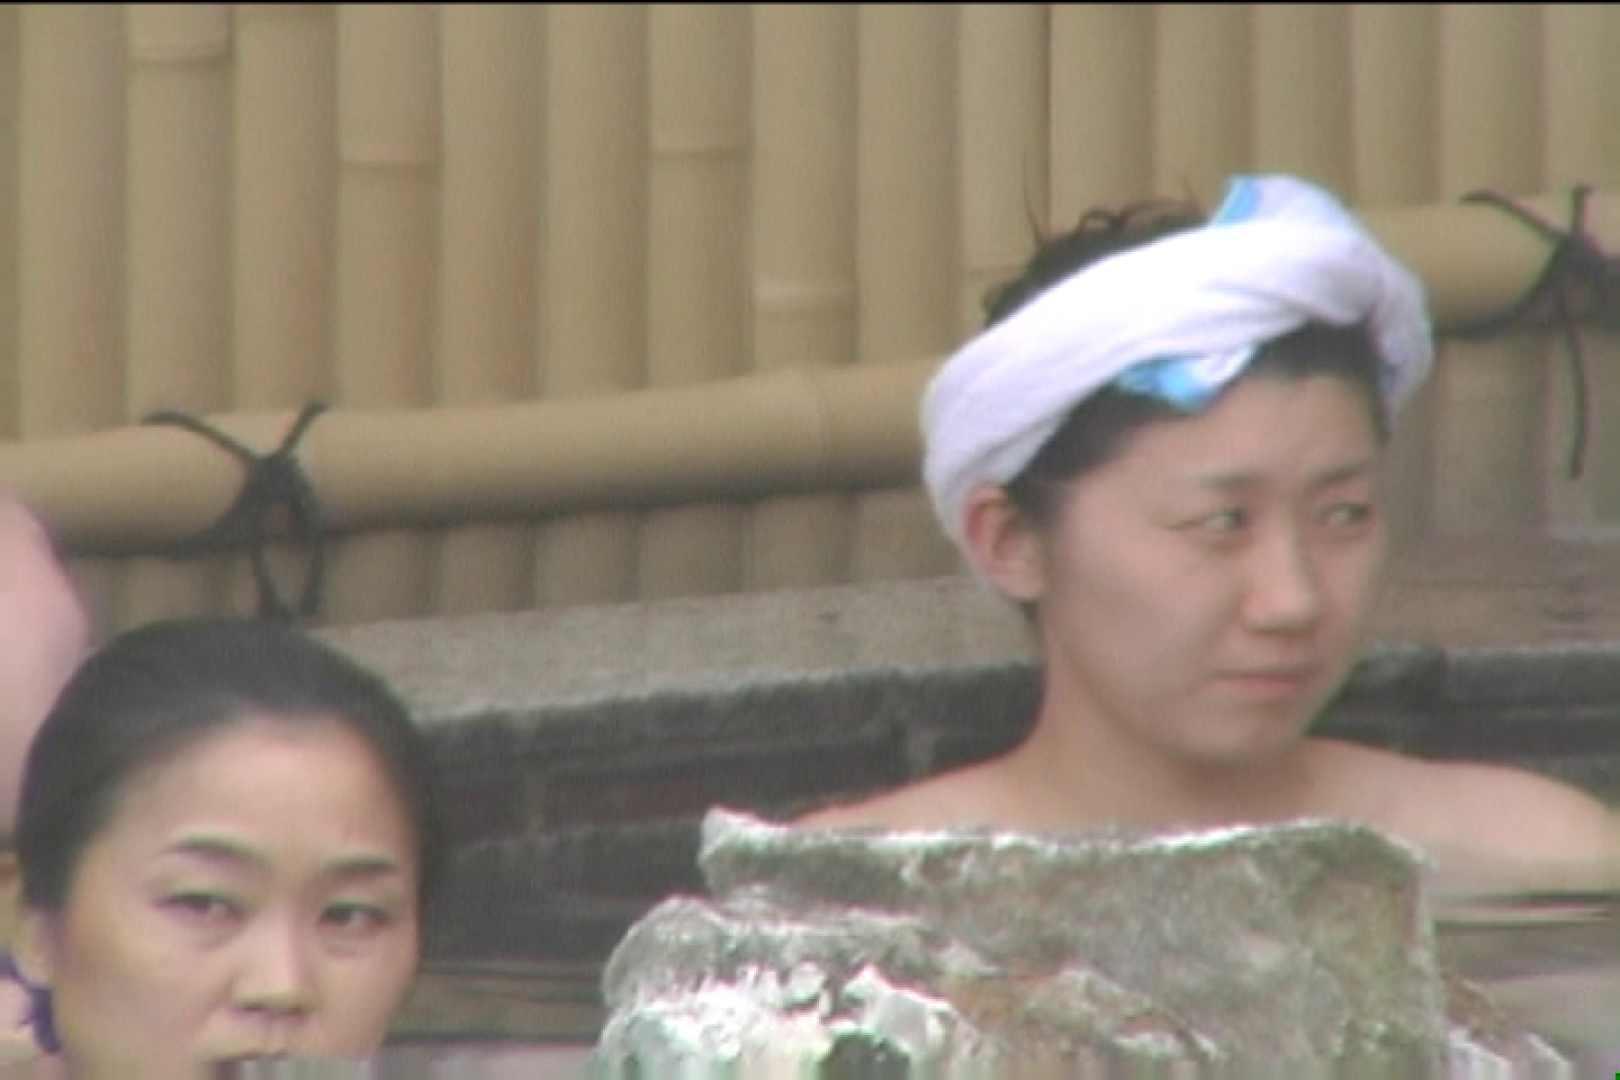 高画質露天女風呂観察 vol.018 高画質 | 露天風呂編  95PIX 49